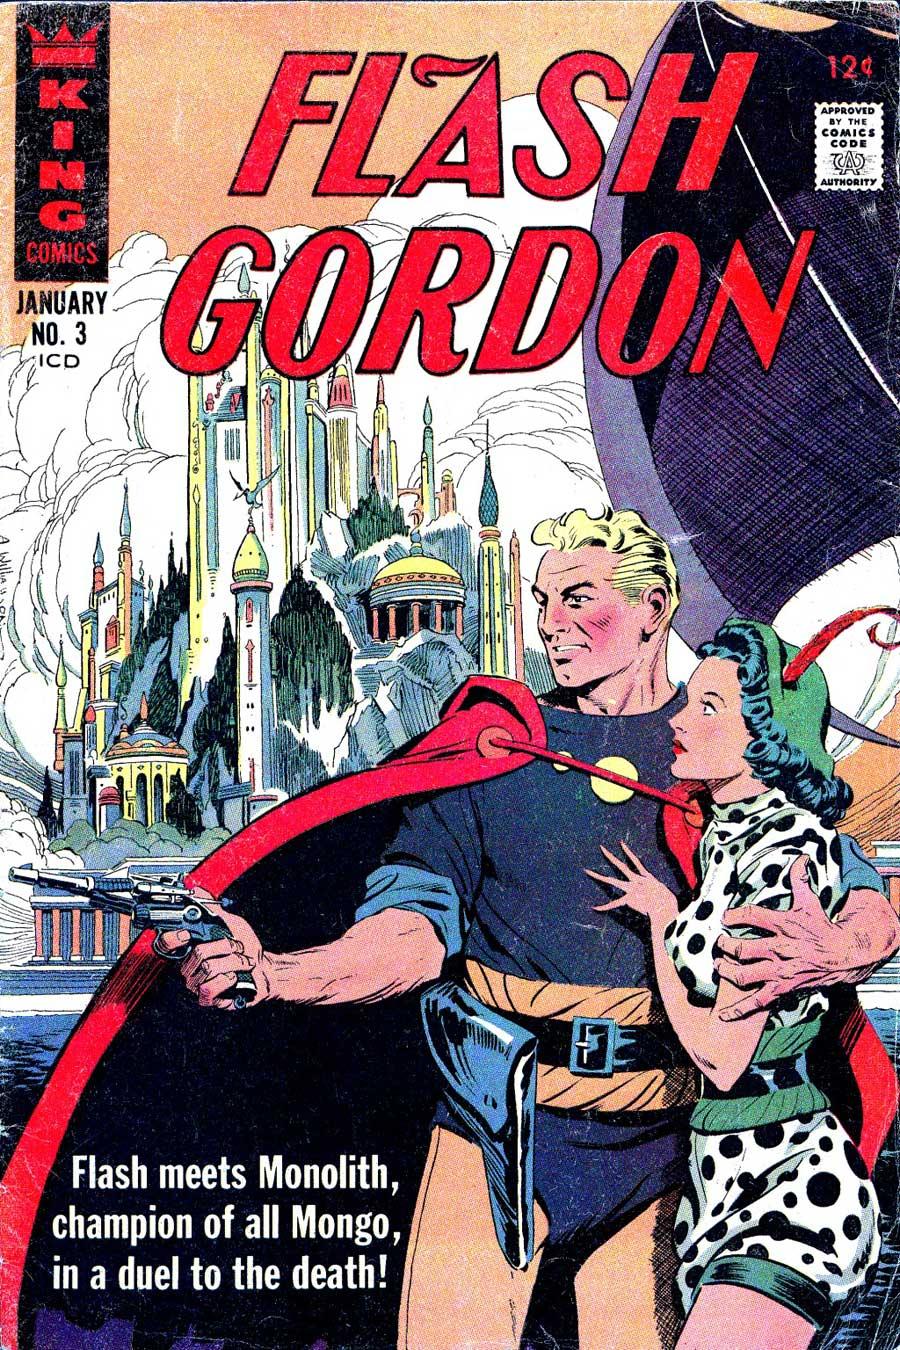 Flash Gordon v4 #3 1960s silver age science fiction comic book cover art by Al Williamson